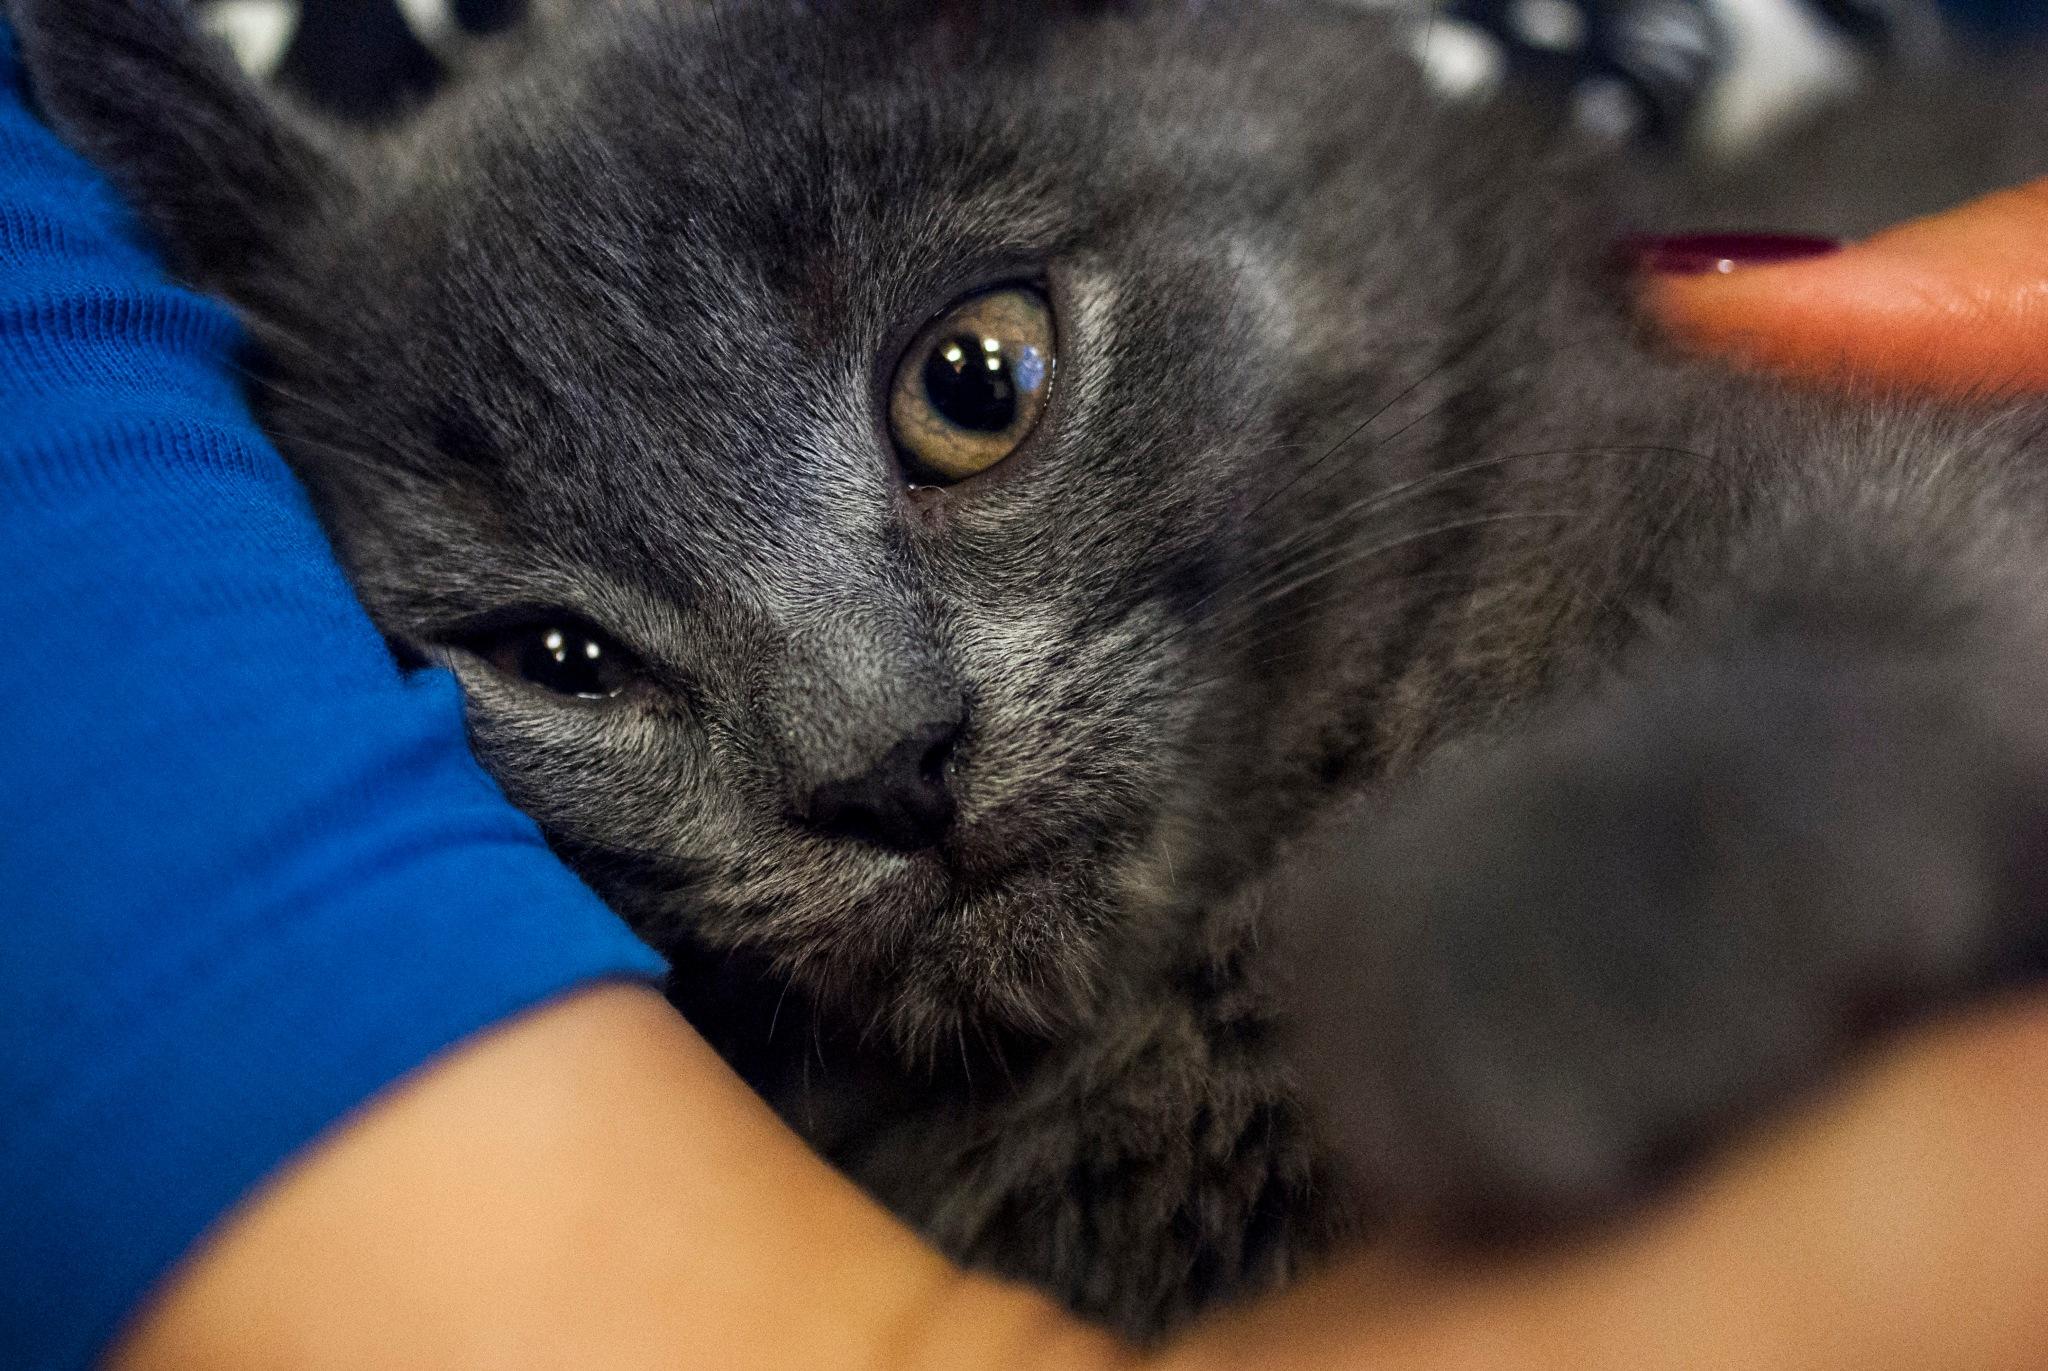 Sleepy kitten by David Jenne